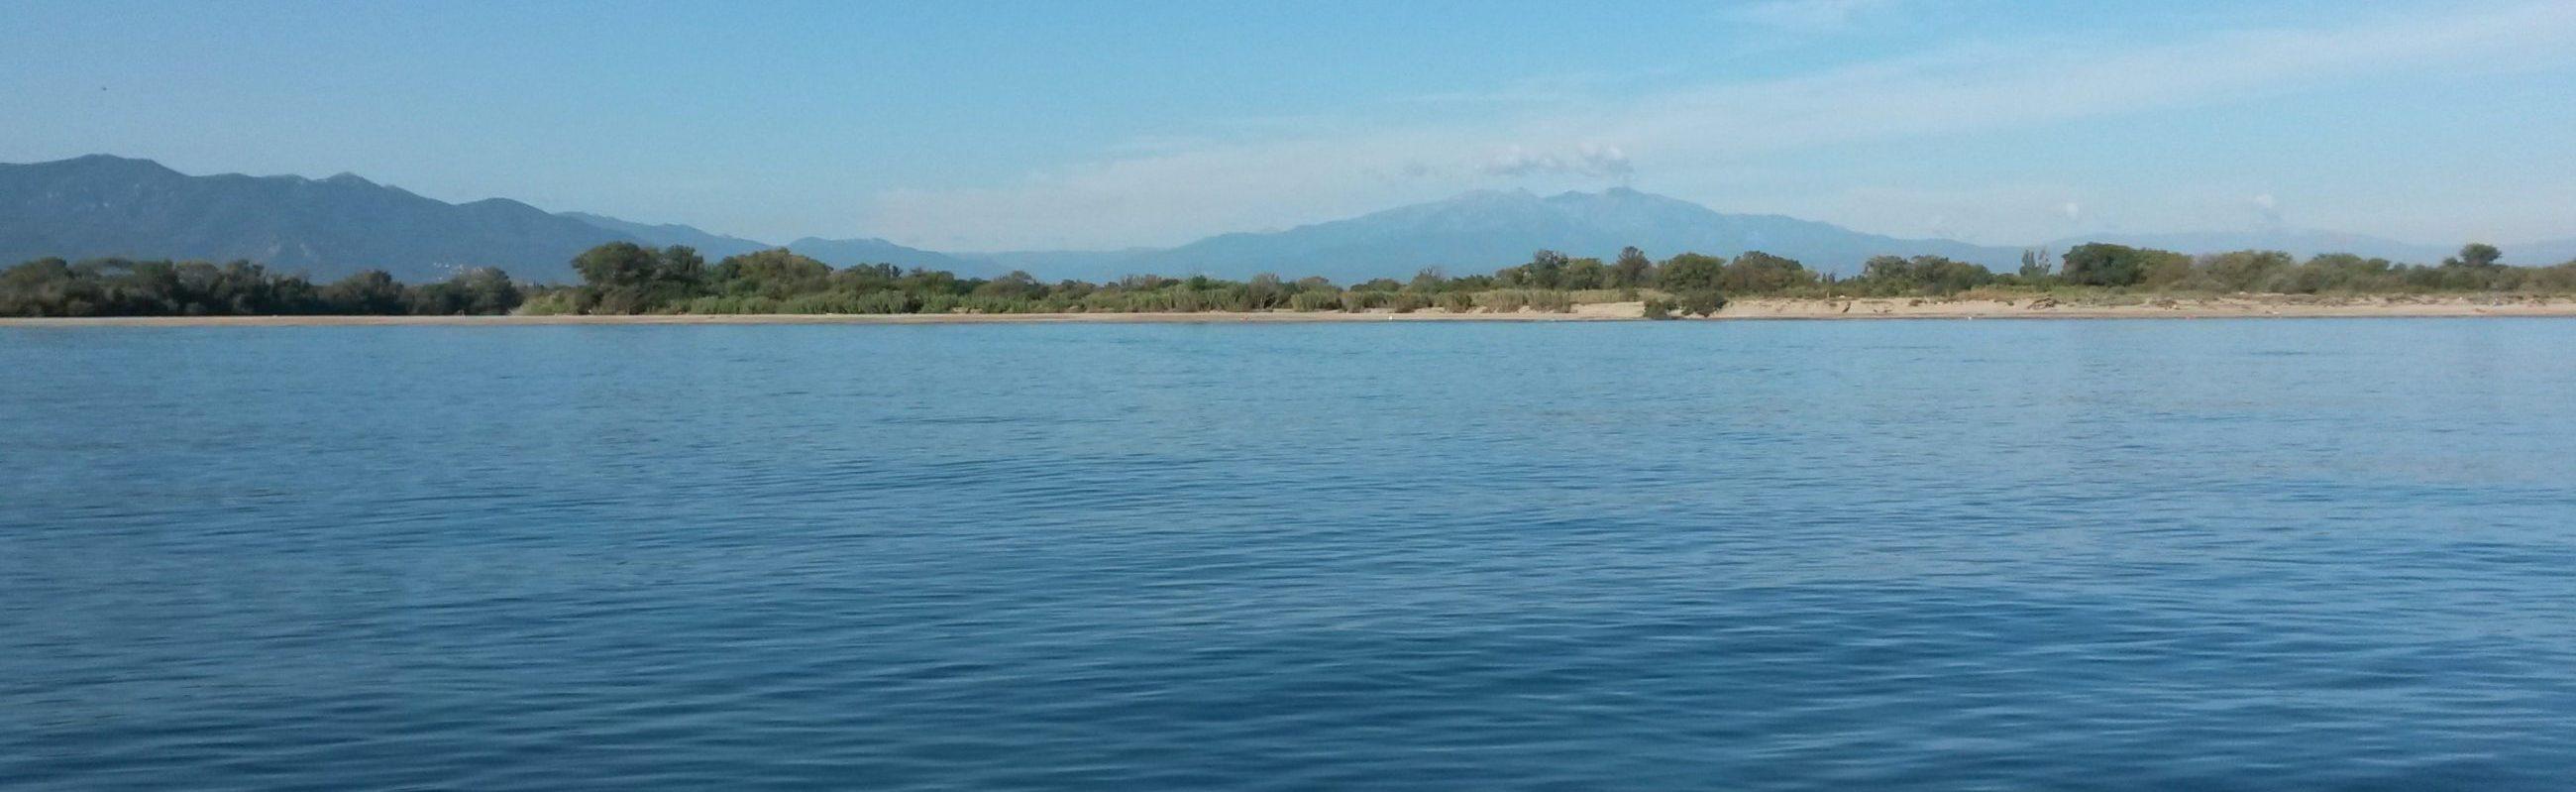 catamaran navivoile croisiere côte rocheruse au départ de canet en roussillon